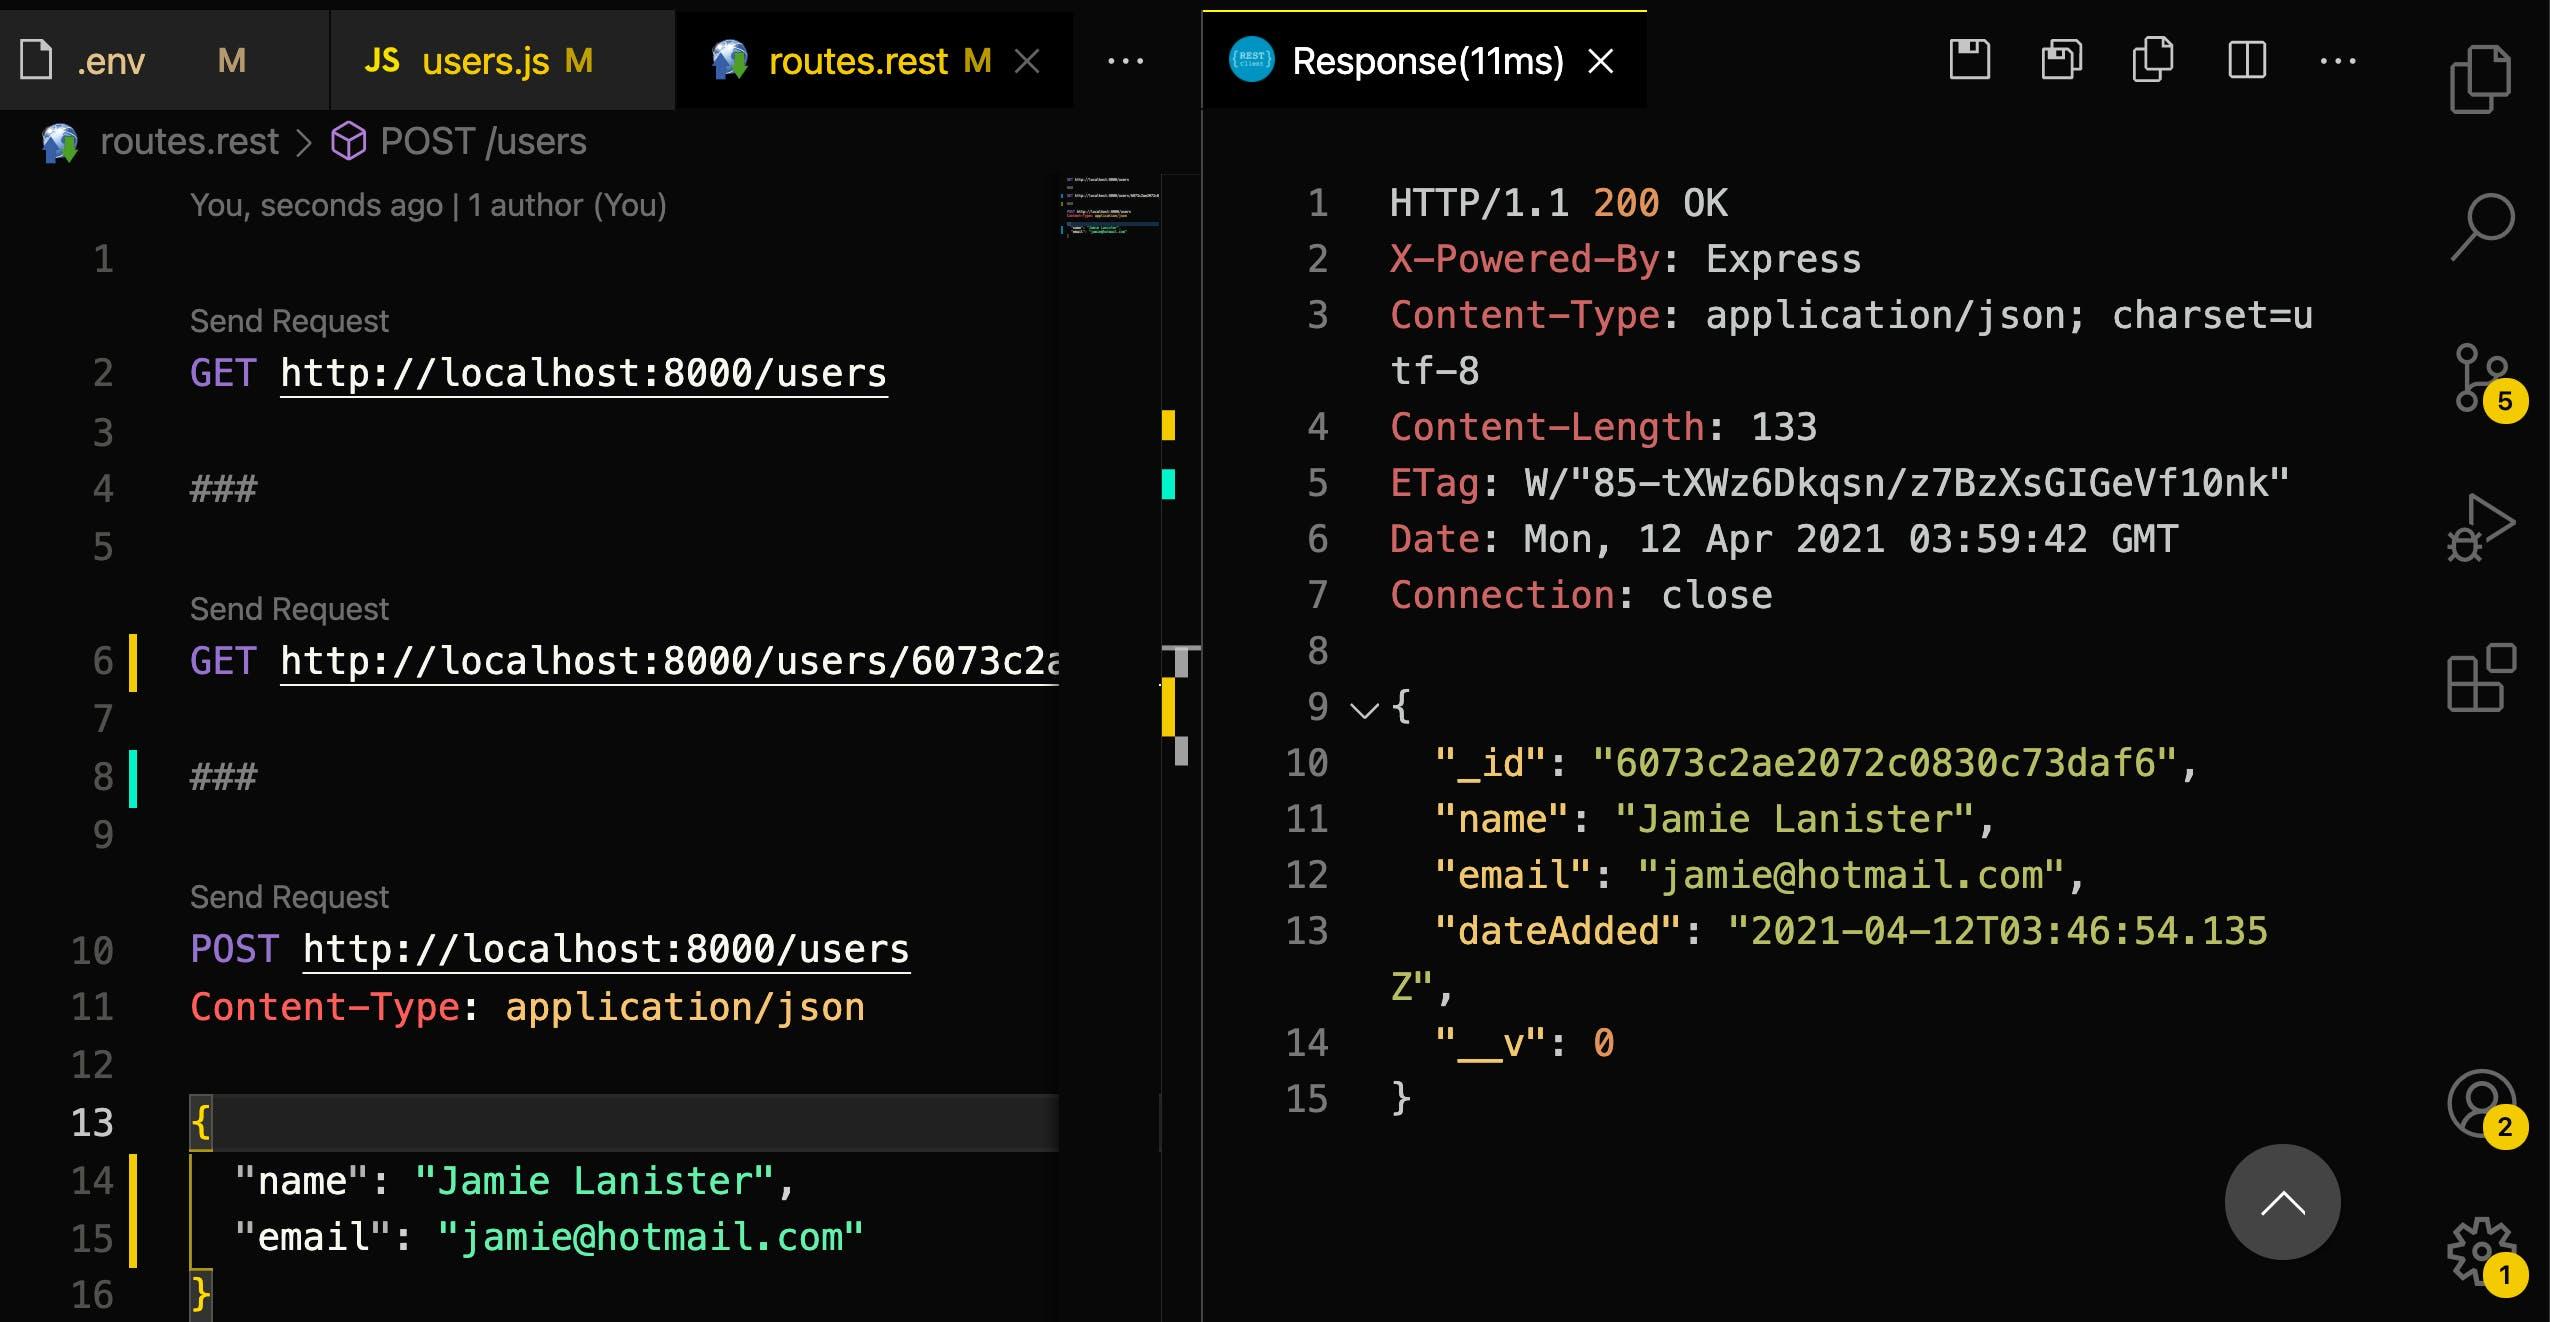 Screenshot 2021-04-12 at 04.59.47.png